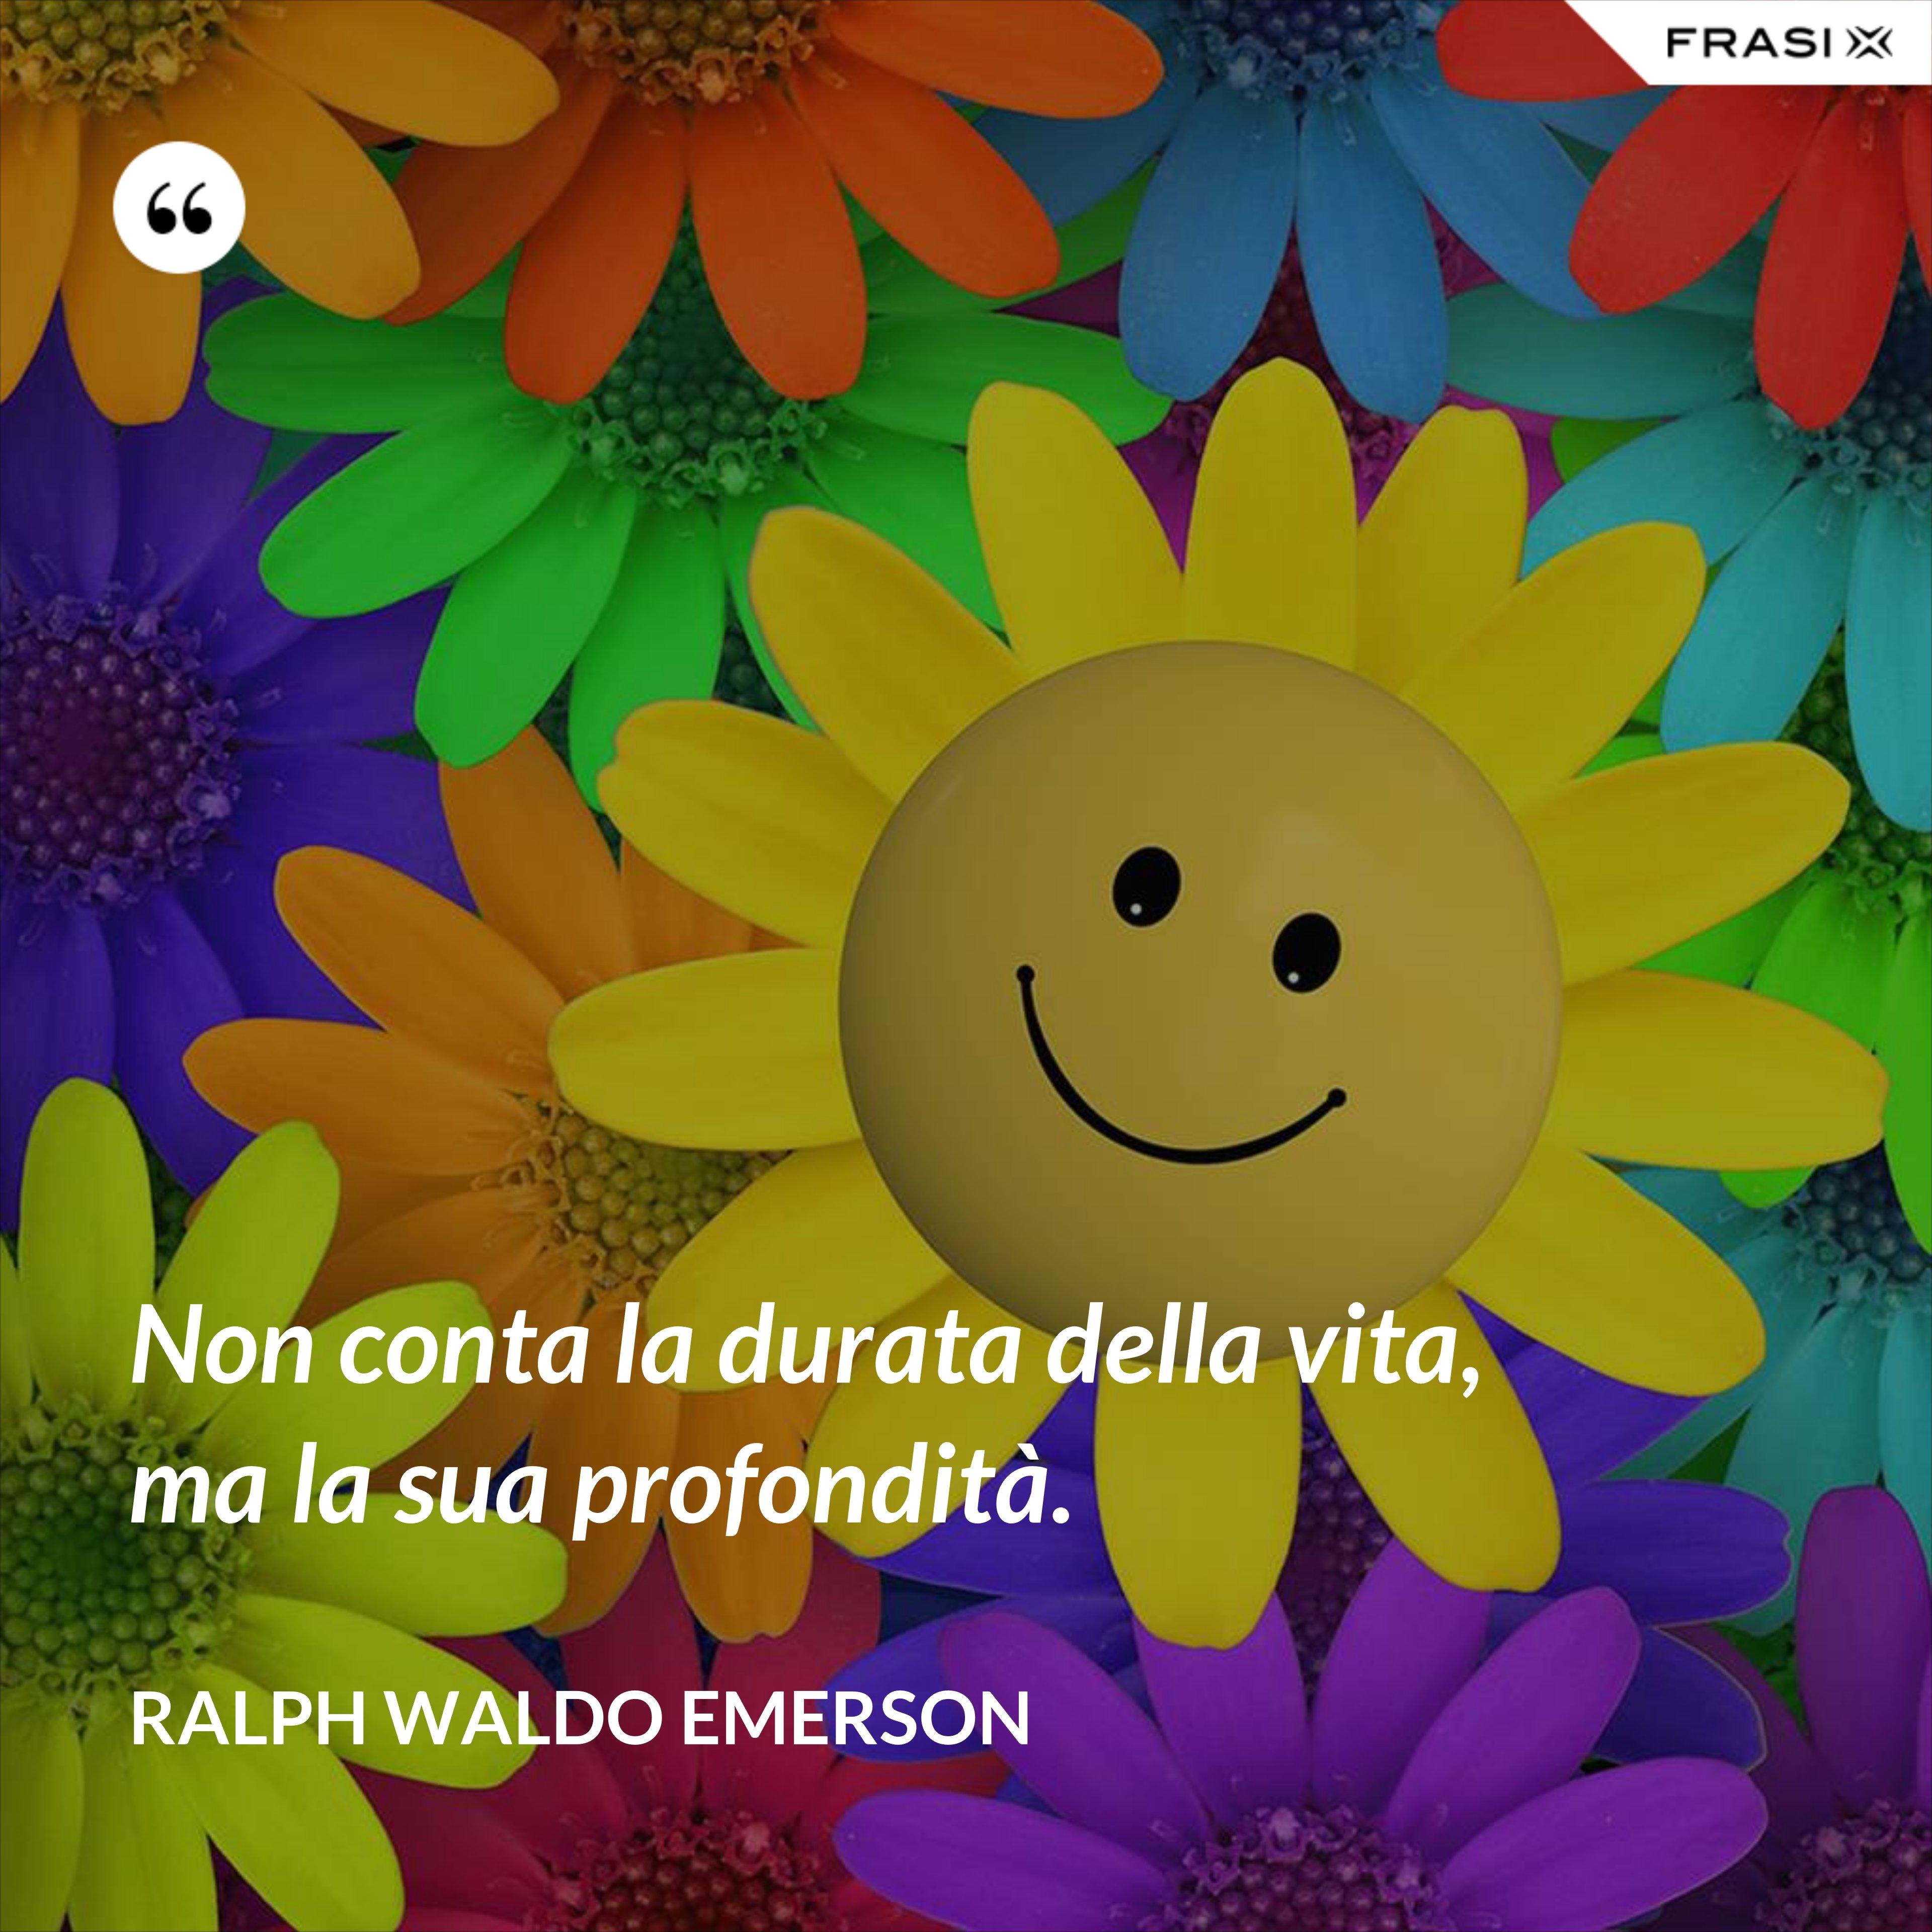 Non conta la durata della vita, ma la sua profondità. - Ralph Waldo Emerson